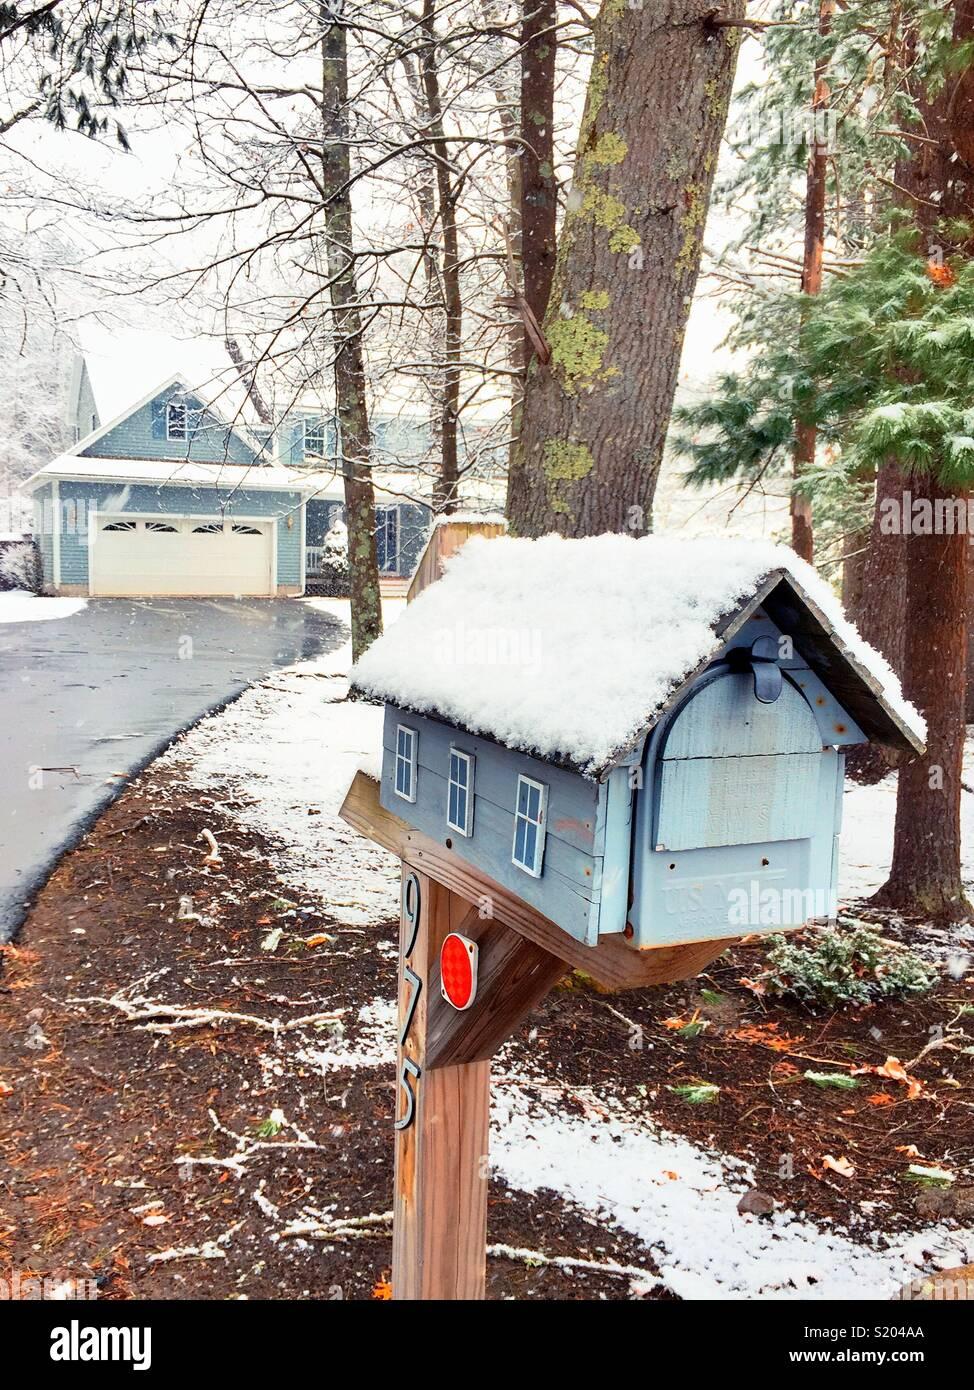 Scène d'hiver panoramique de luxe Nouvelle Angleterre banlieue accueil dans la boîte aux lettres après une tempête de neige, USA Photo Stock